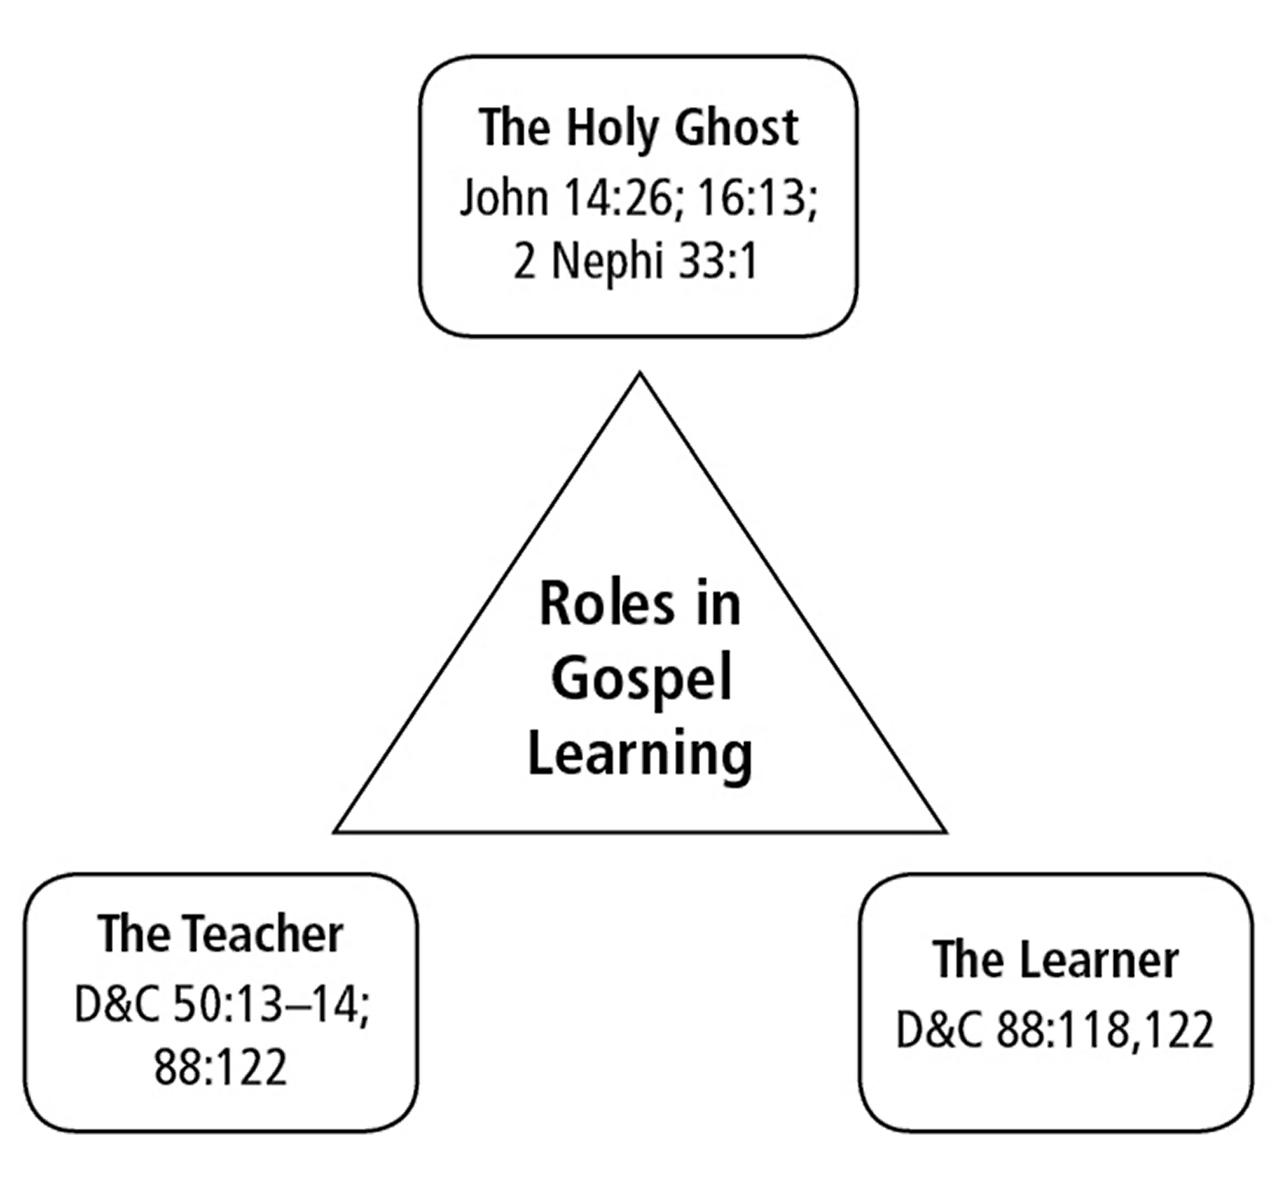 roles in gospel learning